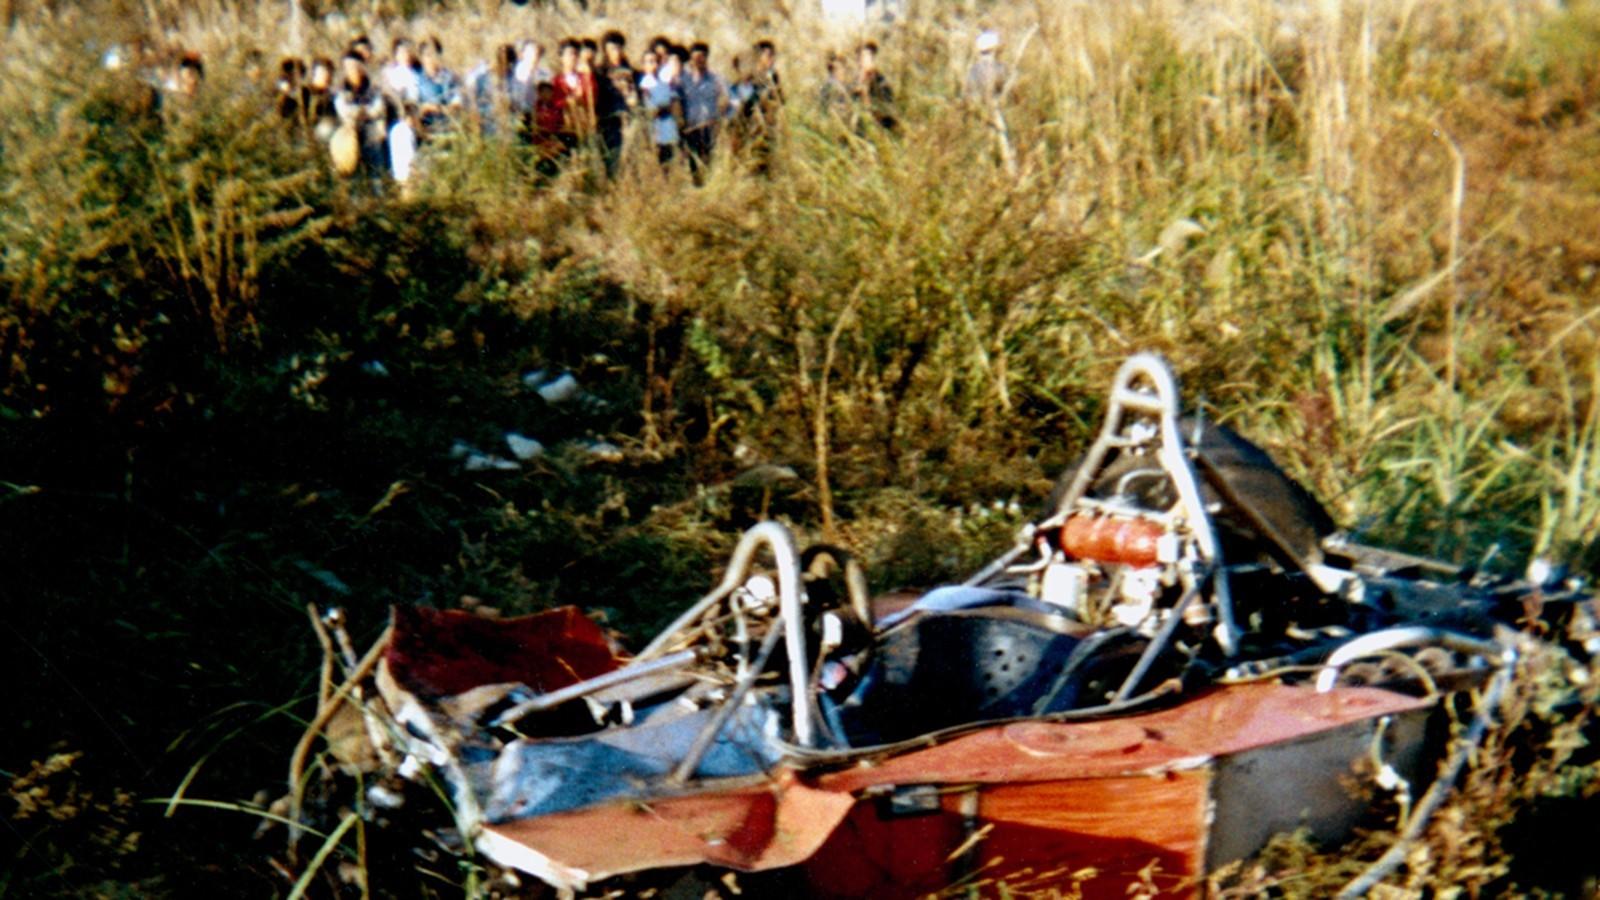 Gilles Villeneuve (Ferrari) au Grand Prix du Japon 1977